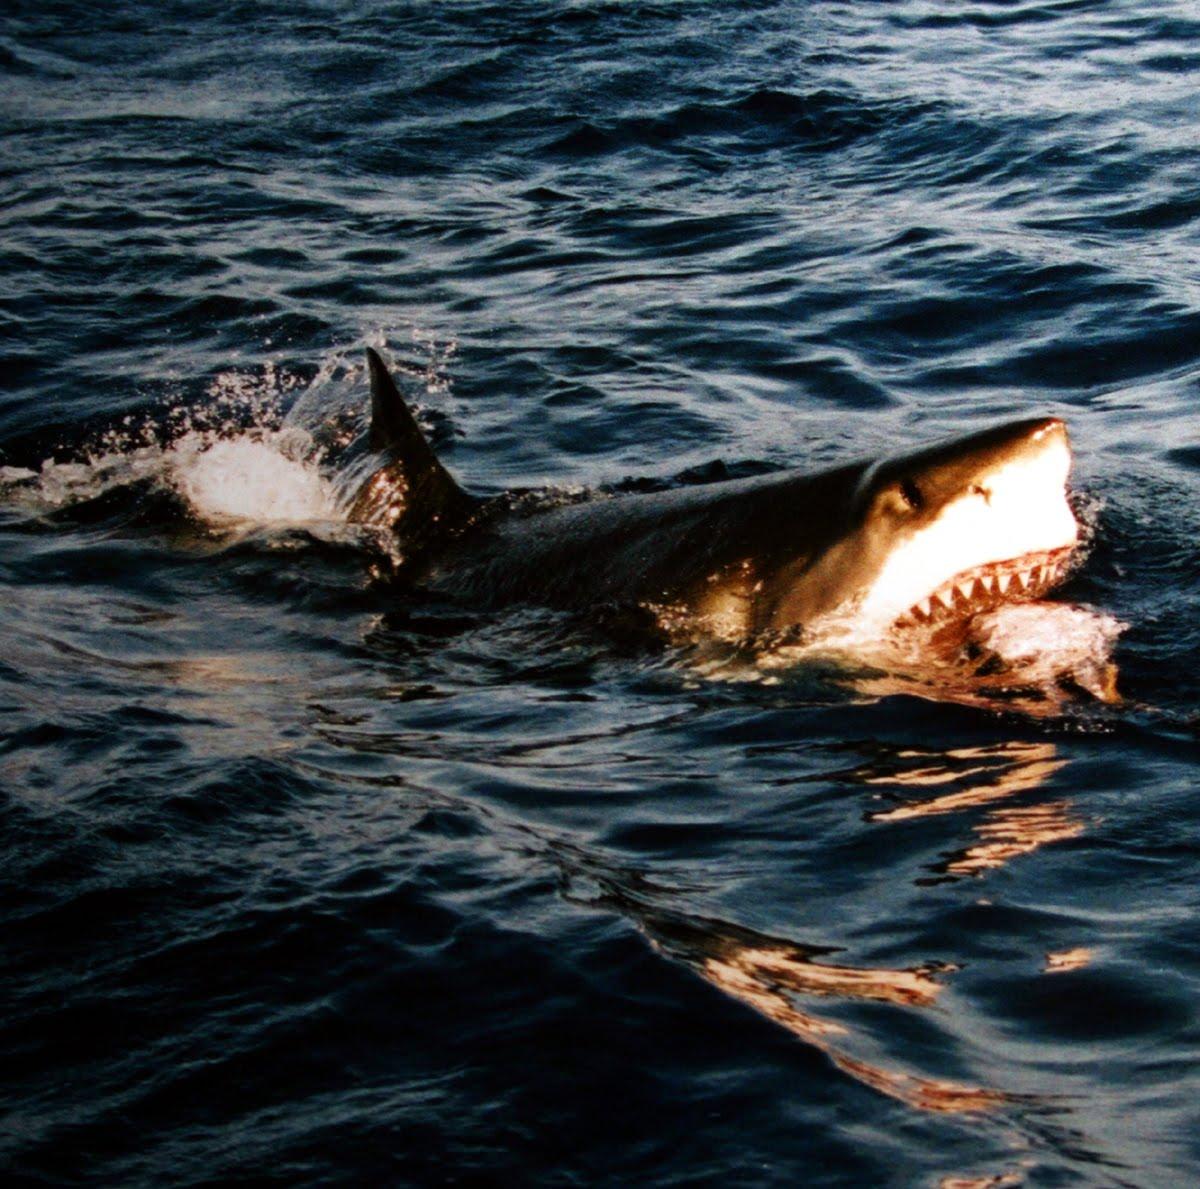 Surfacing_great_white_shark.jpg